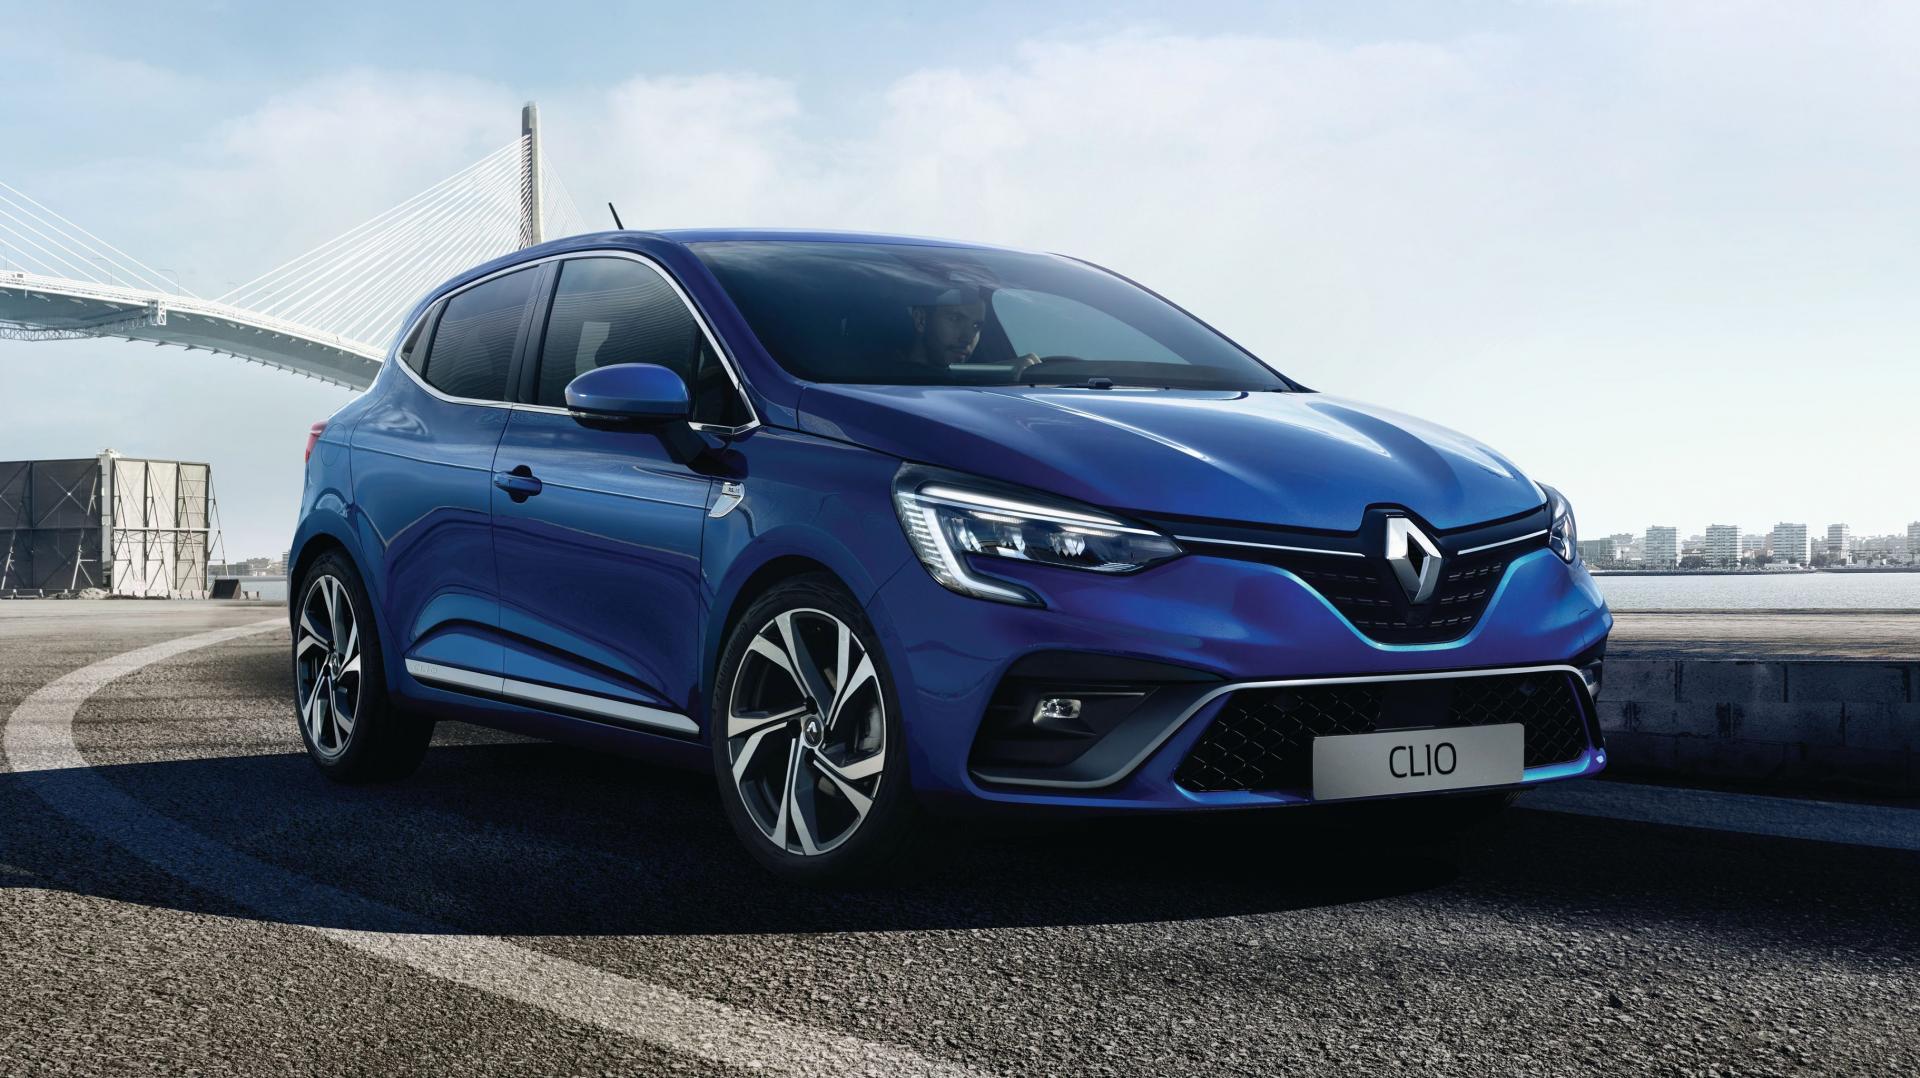 Renault Clio 2019 blauw